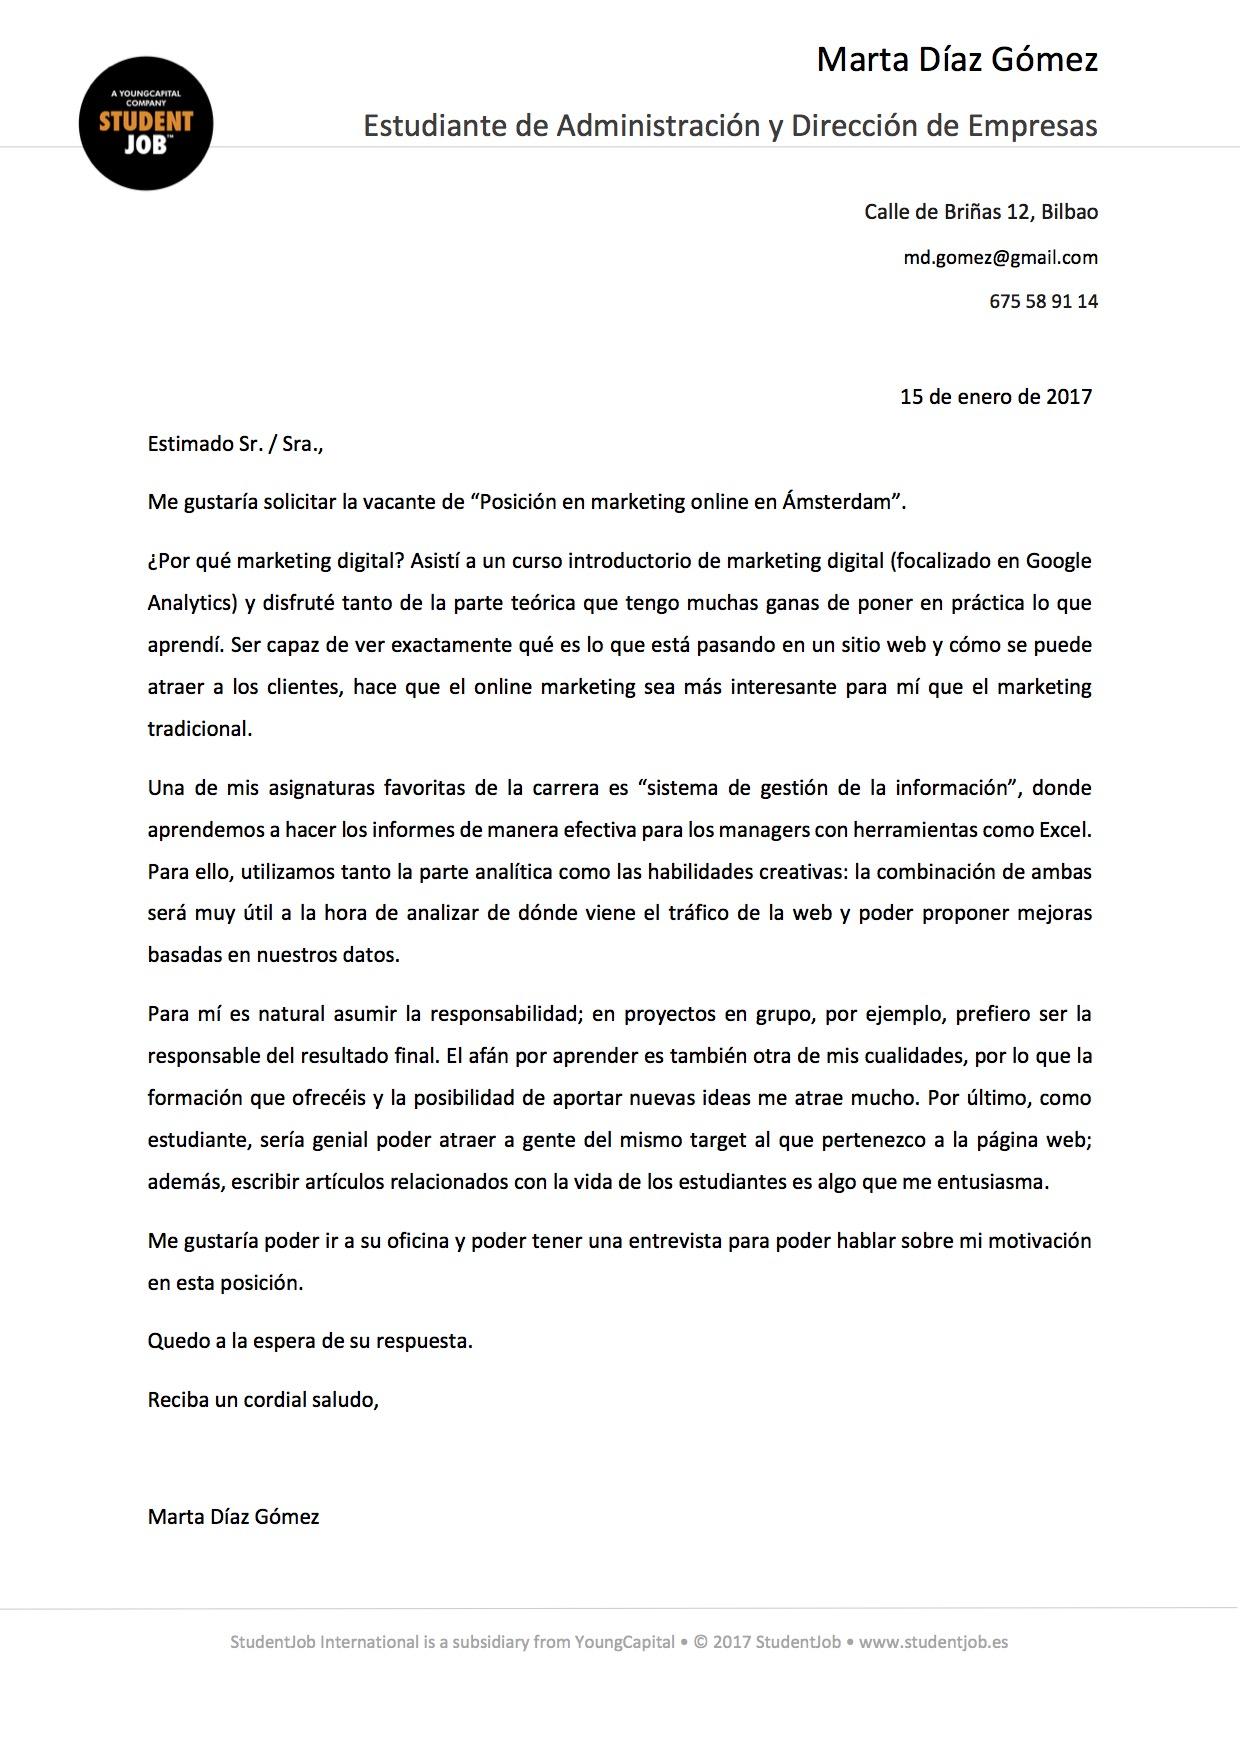 Ejemplo de carta de presentación para prácticas